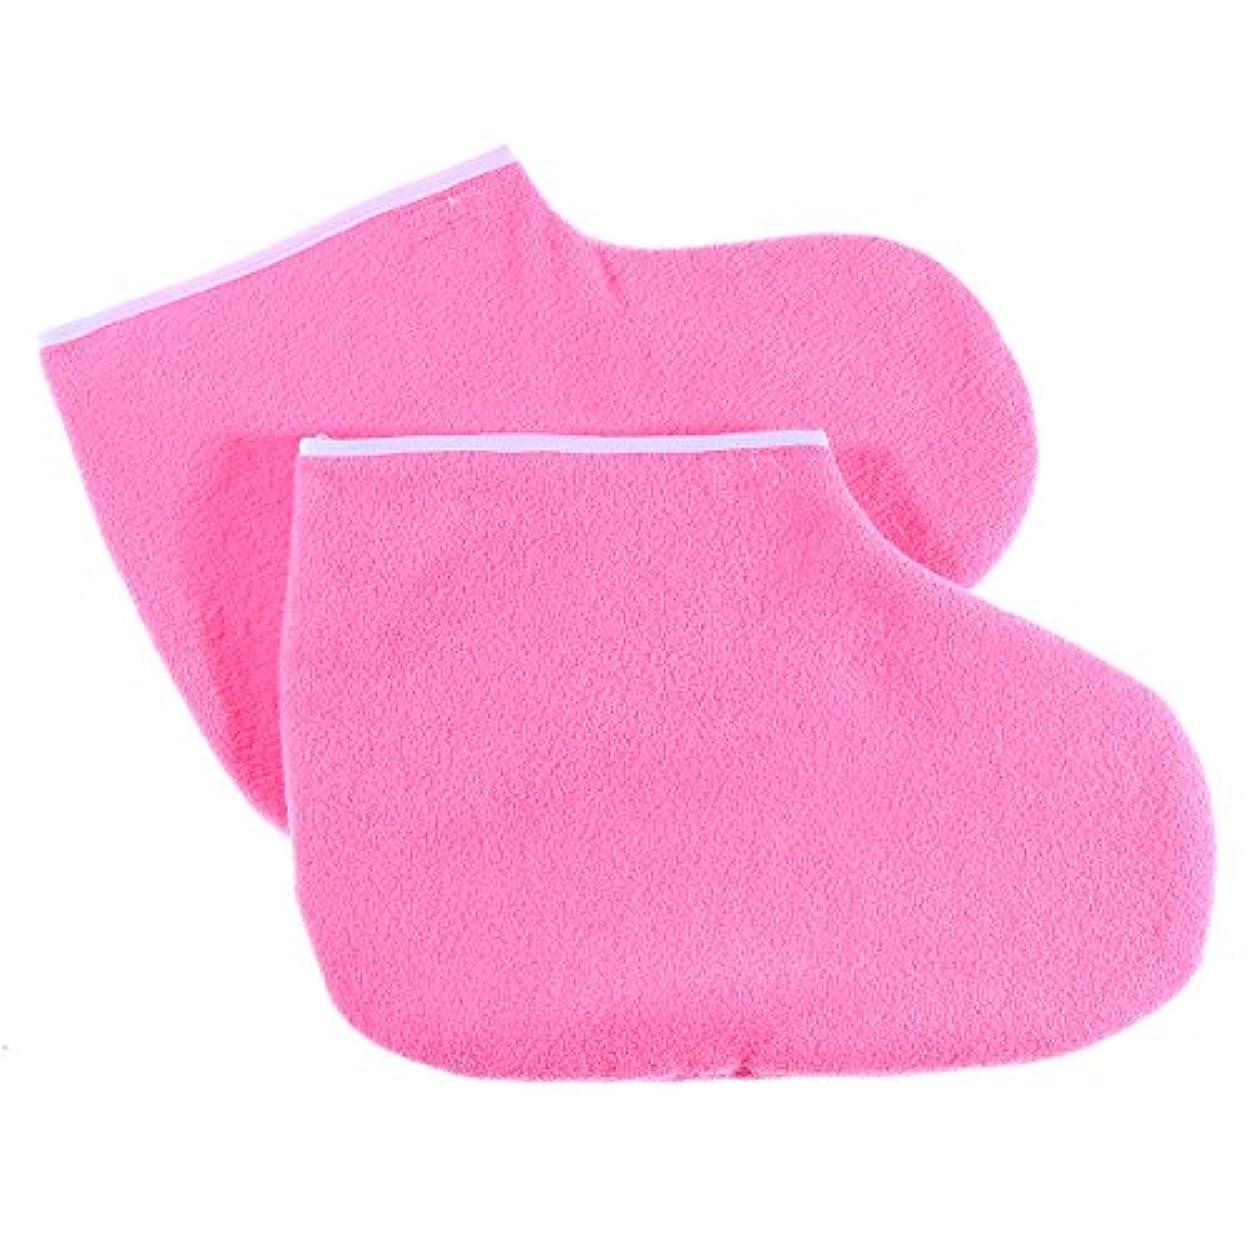 香ばしい共感する回路Healifty ワックスバスハンドトリートメントミットフットスパカバー薄型ヒートセラピー絶縁ソフトコットンミットンフィートハンドケアセット(ピンク)